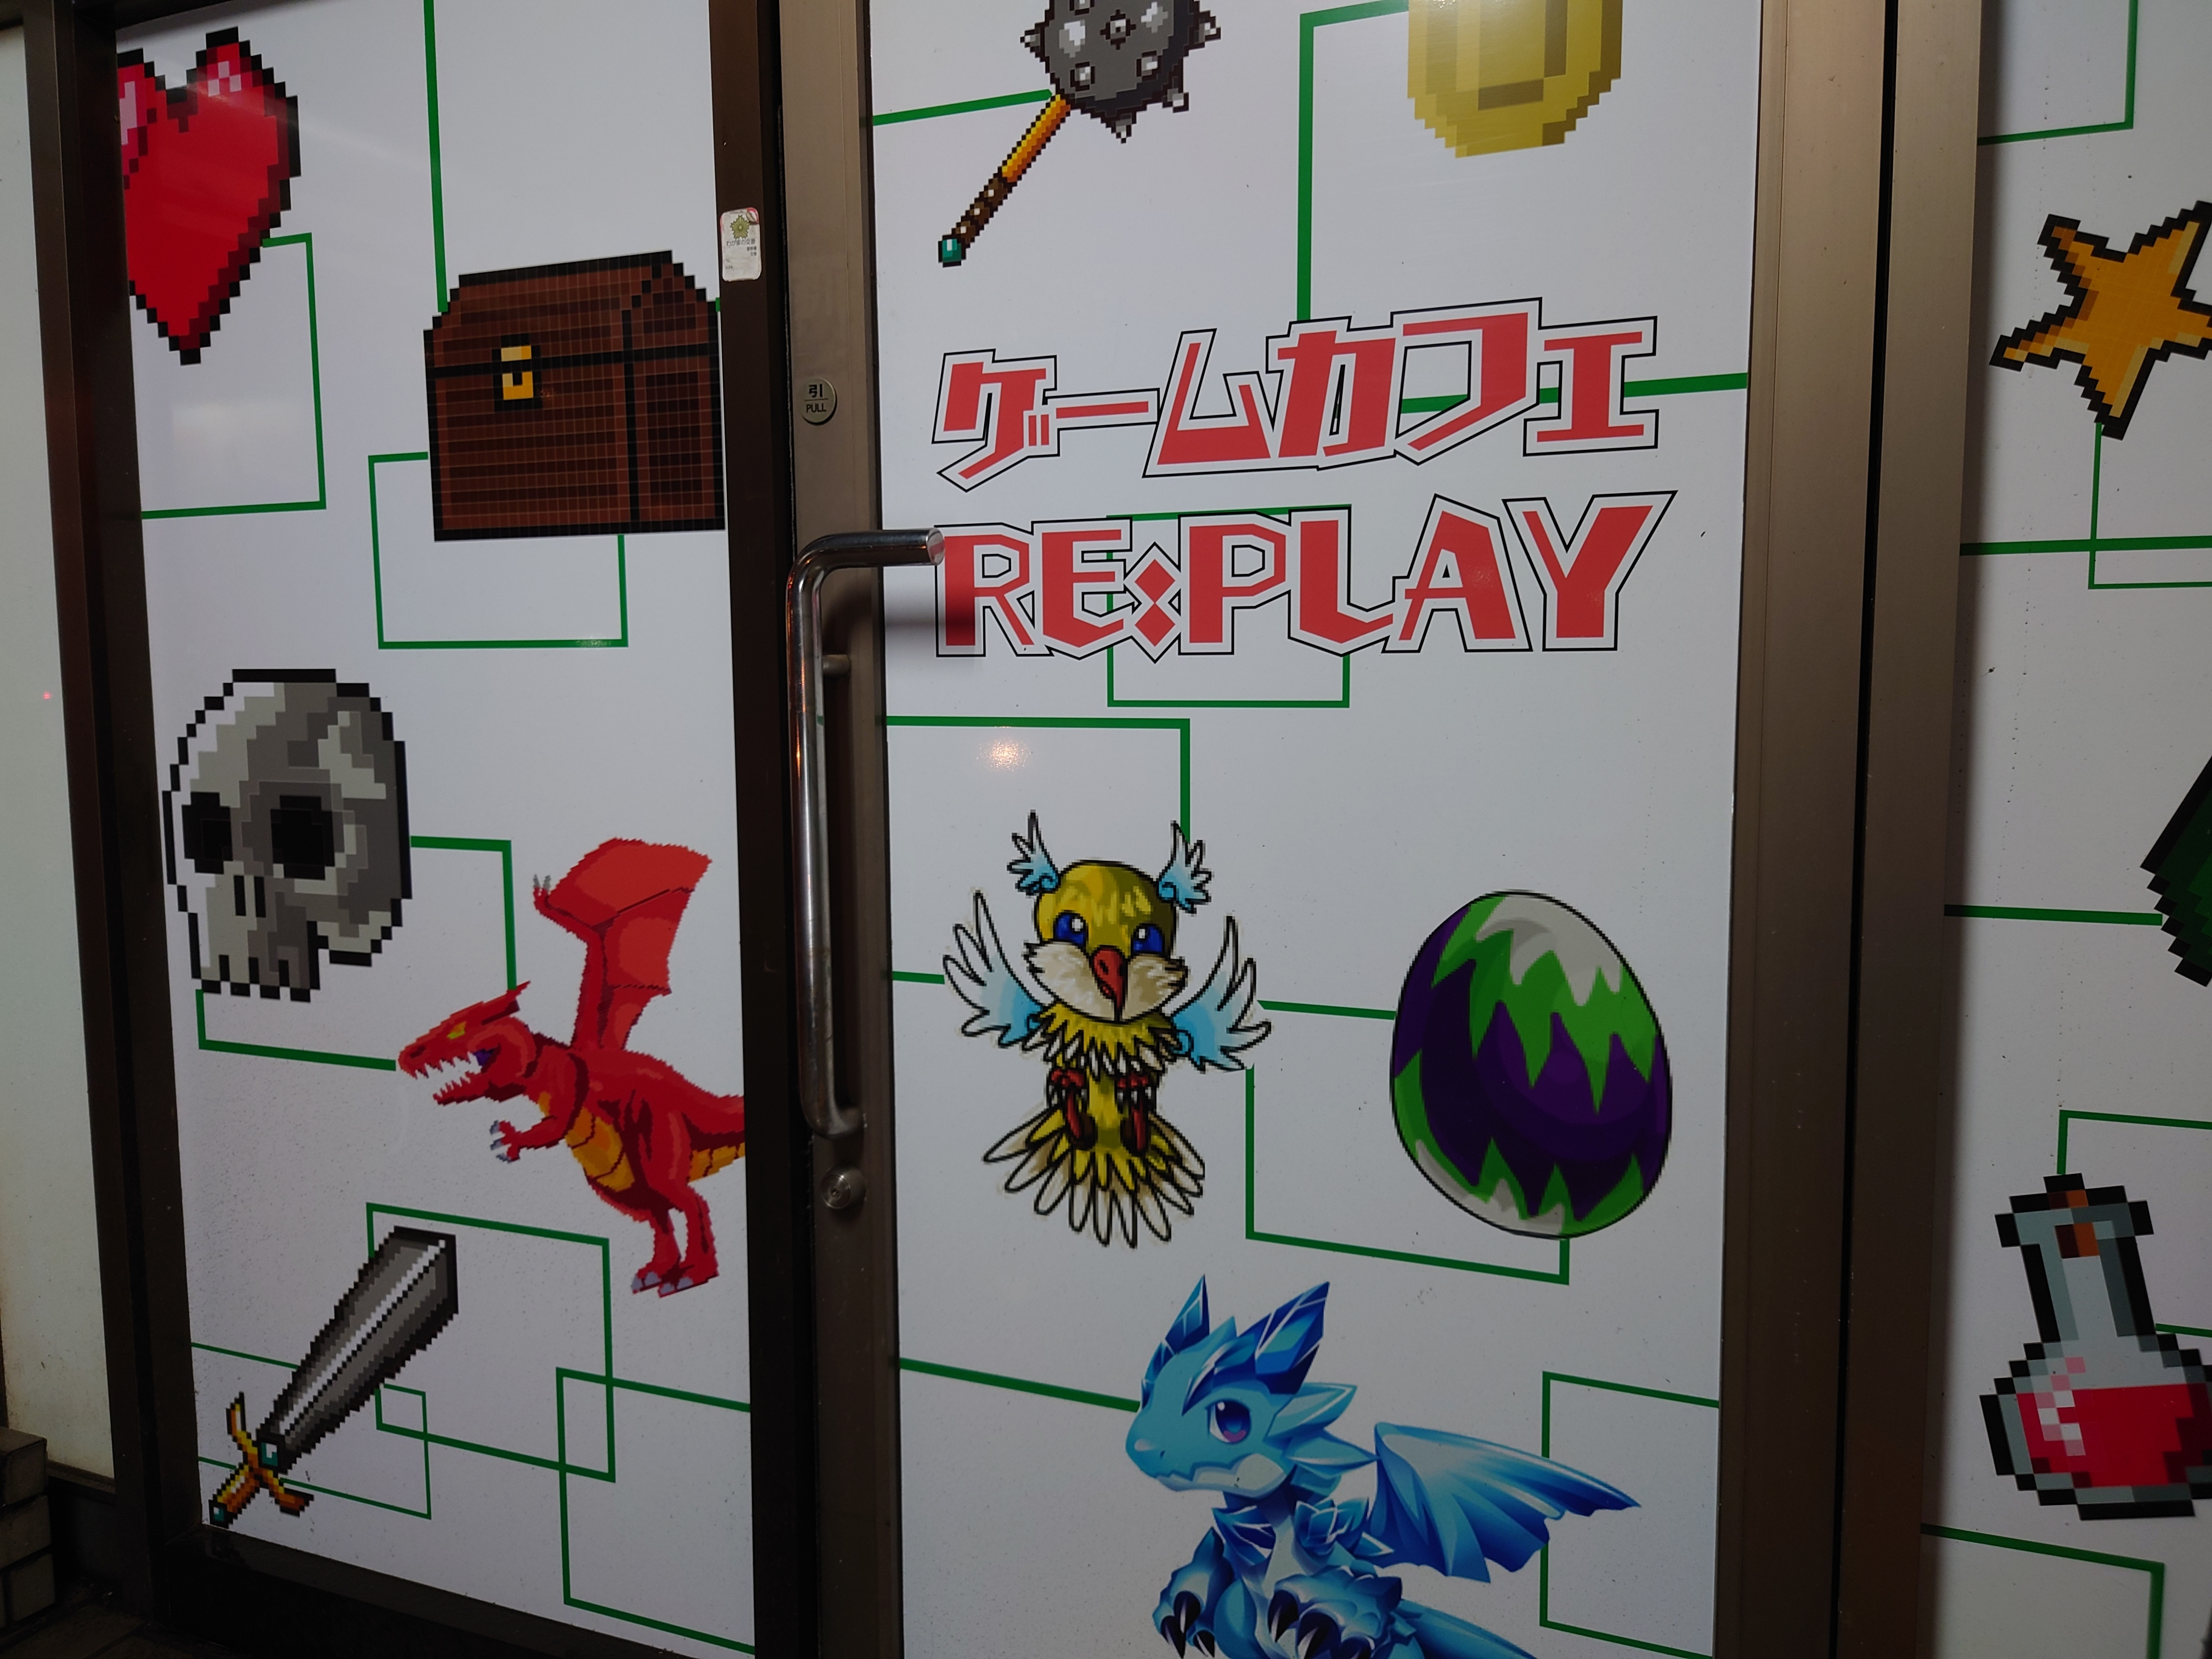 ゲームカフェRE:PLAY(ゲームカフェリプレイ)